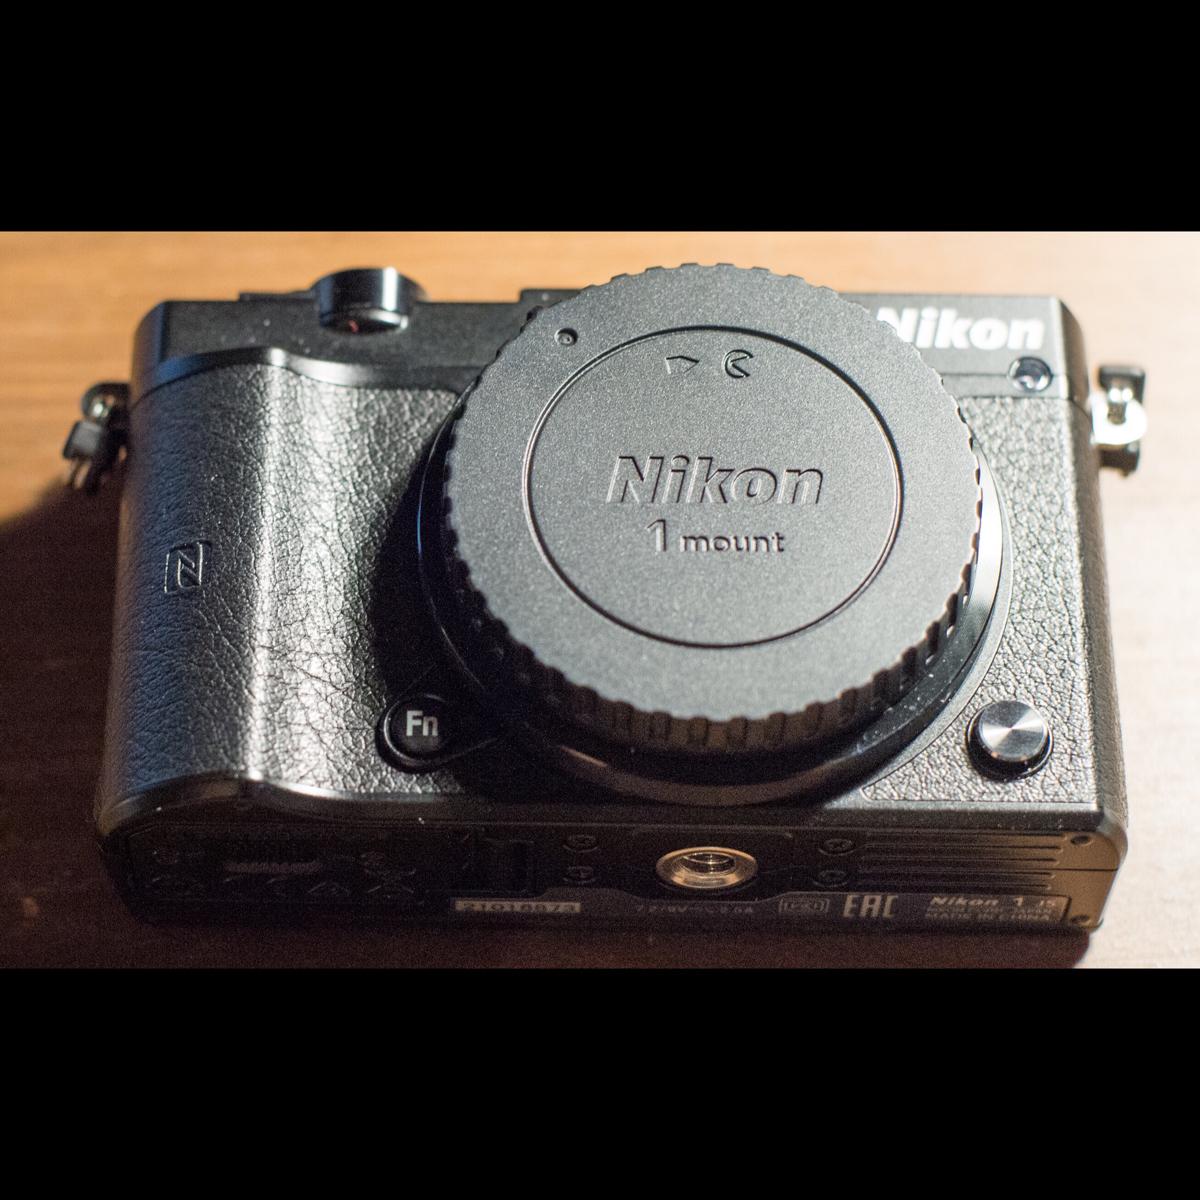 【未使用美品】 Nikon 1 j5 国際国外保証書付 パワーレンズキット SDカード付 ニコン